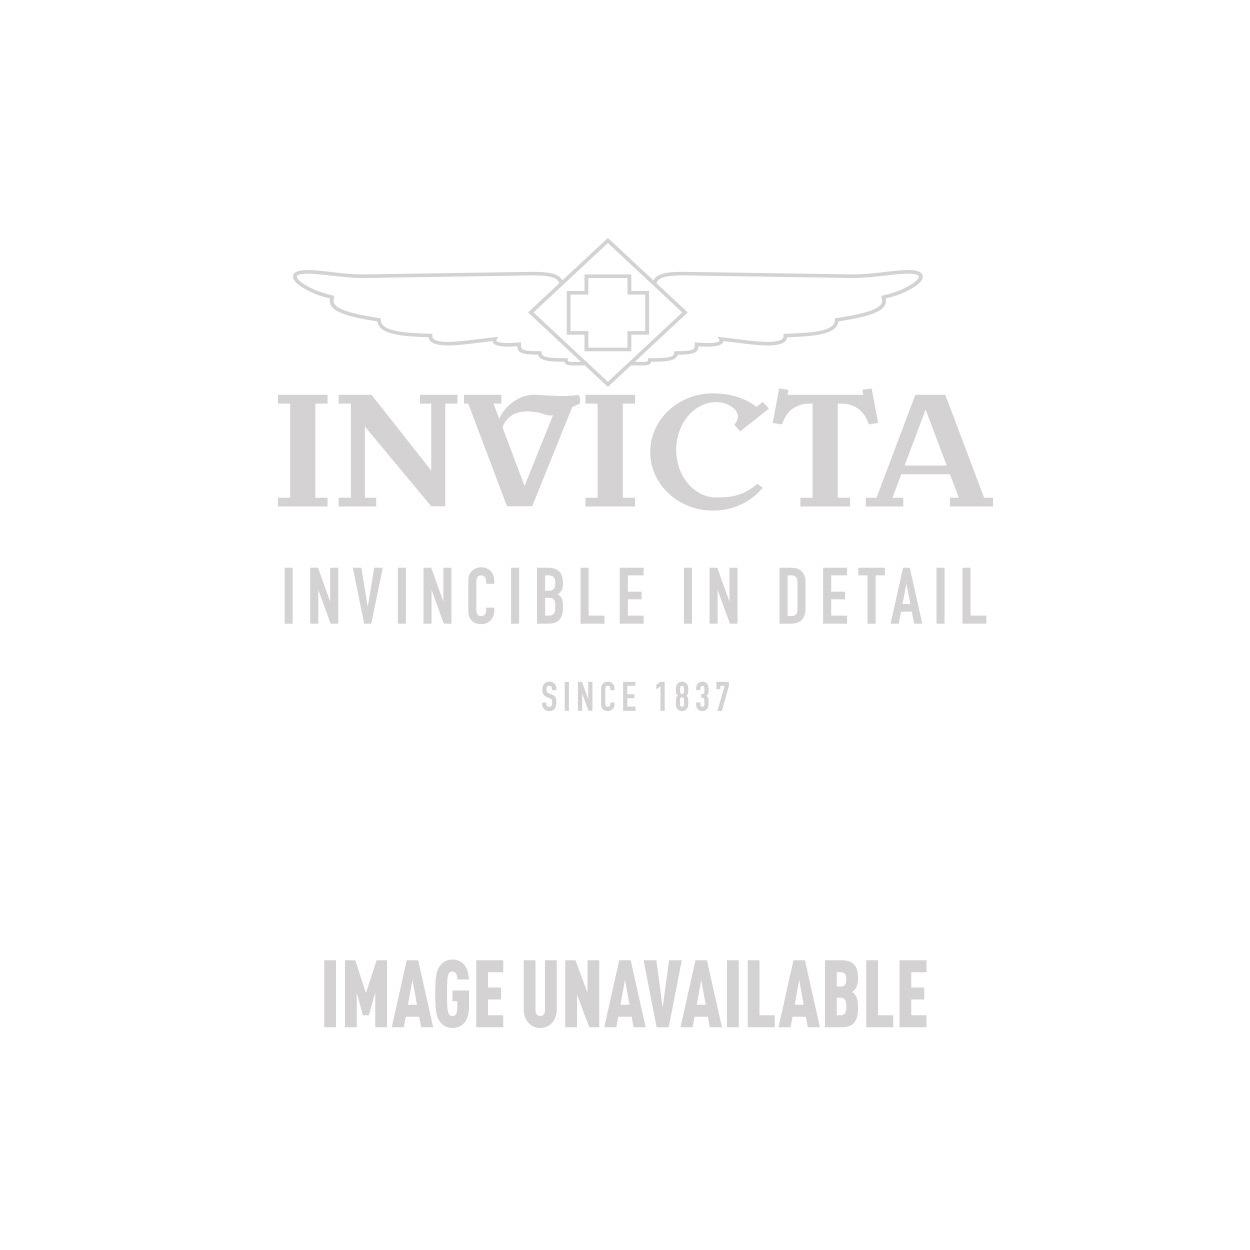 Invicta Subaqua NOMA III Mens Quartz 50mm Black Case  Stainless Steel Dial Model  - 17611